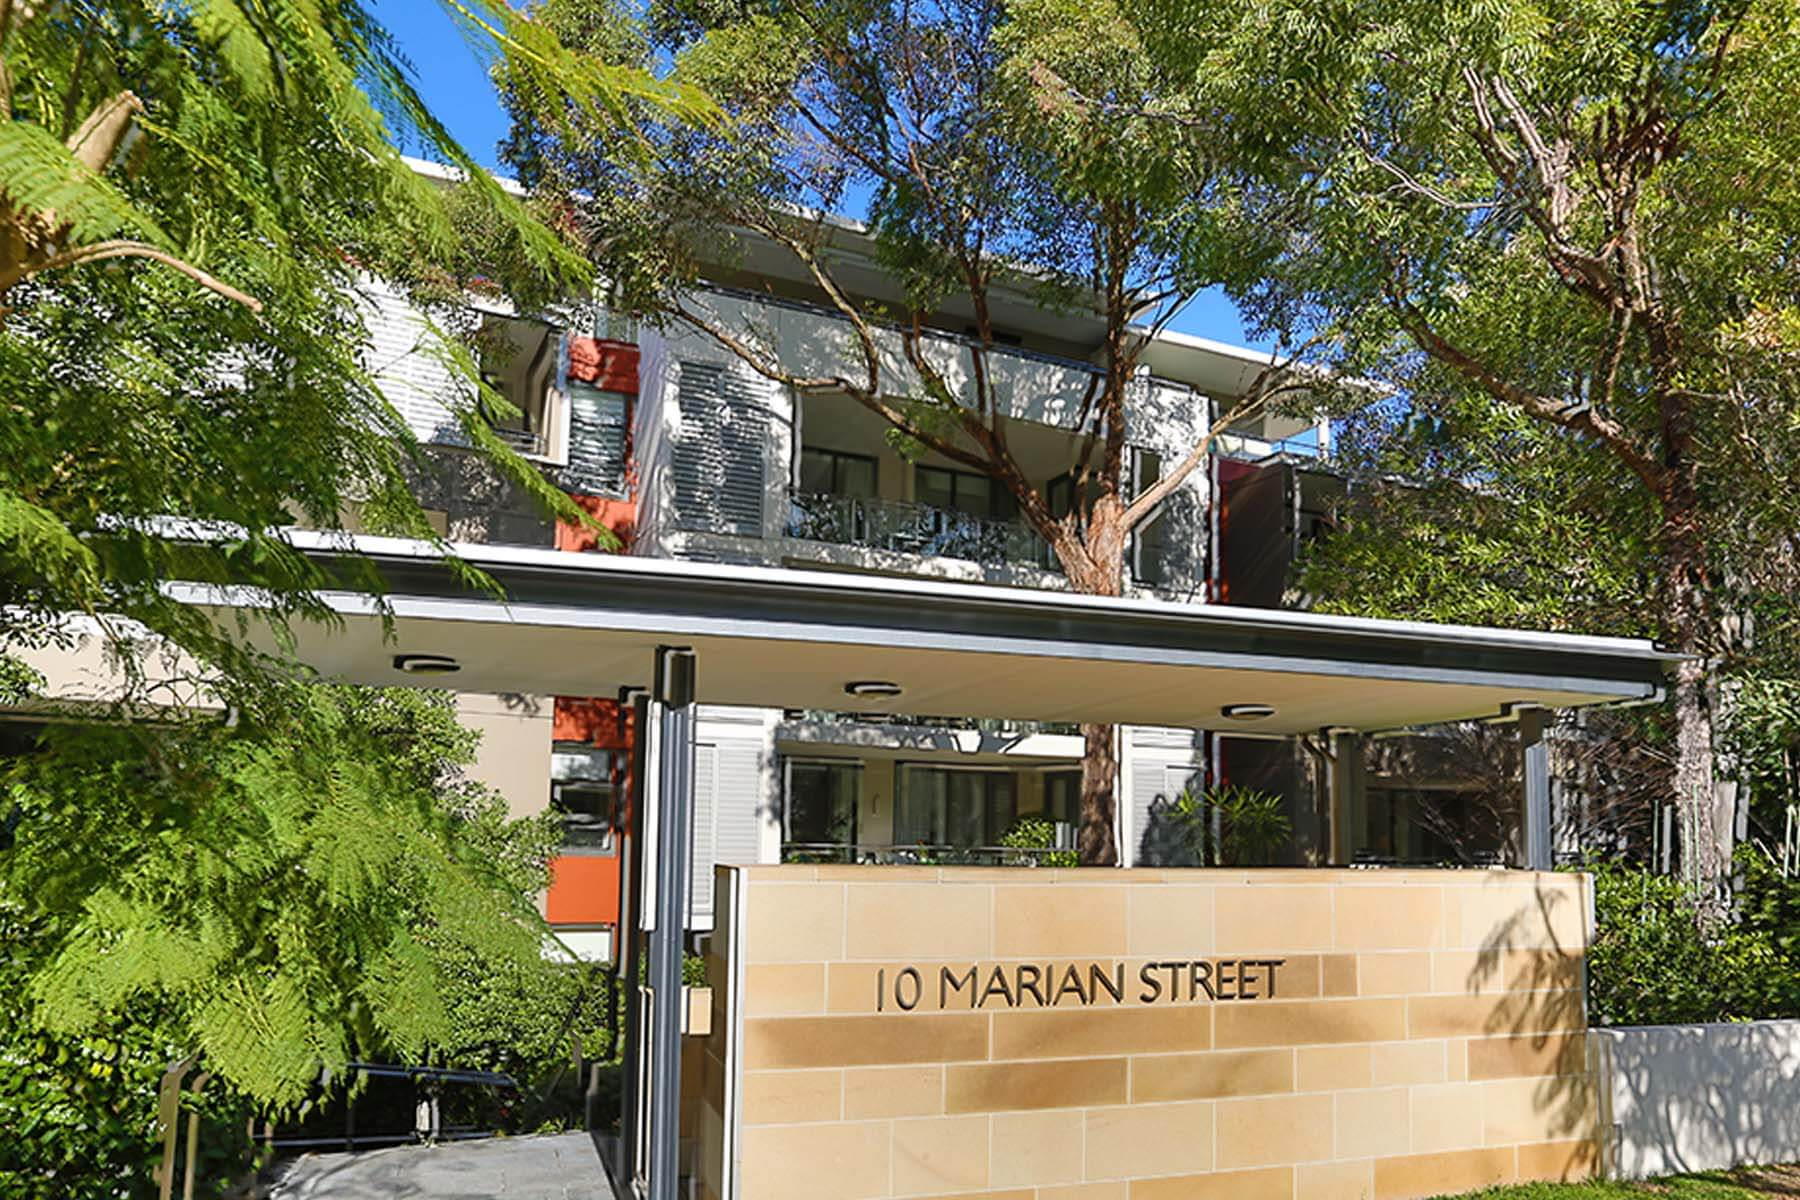 10-marian-street-killara-entrance